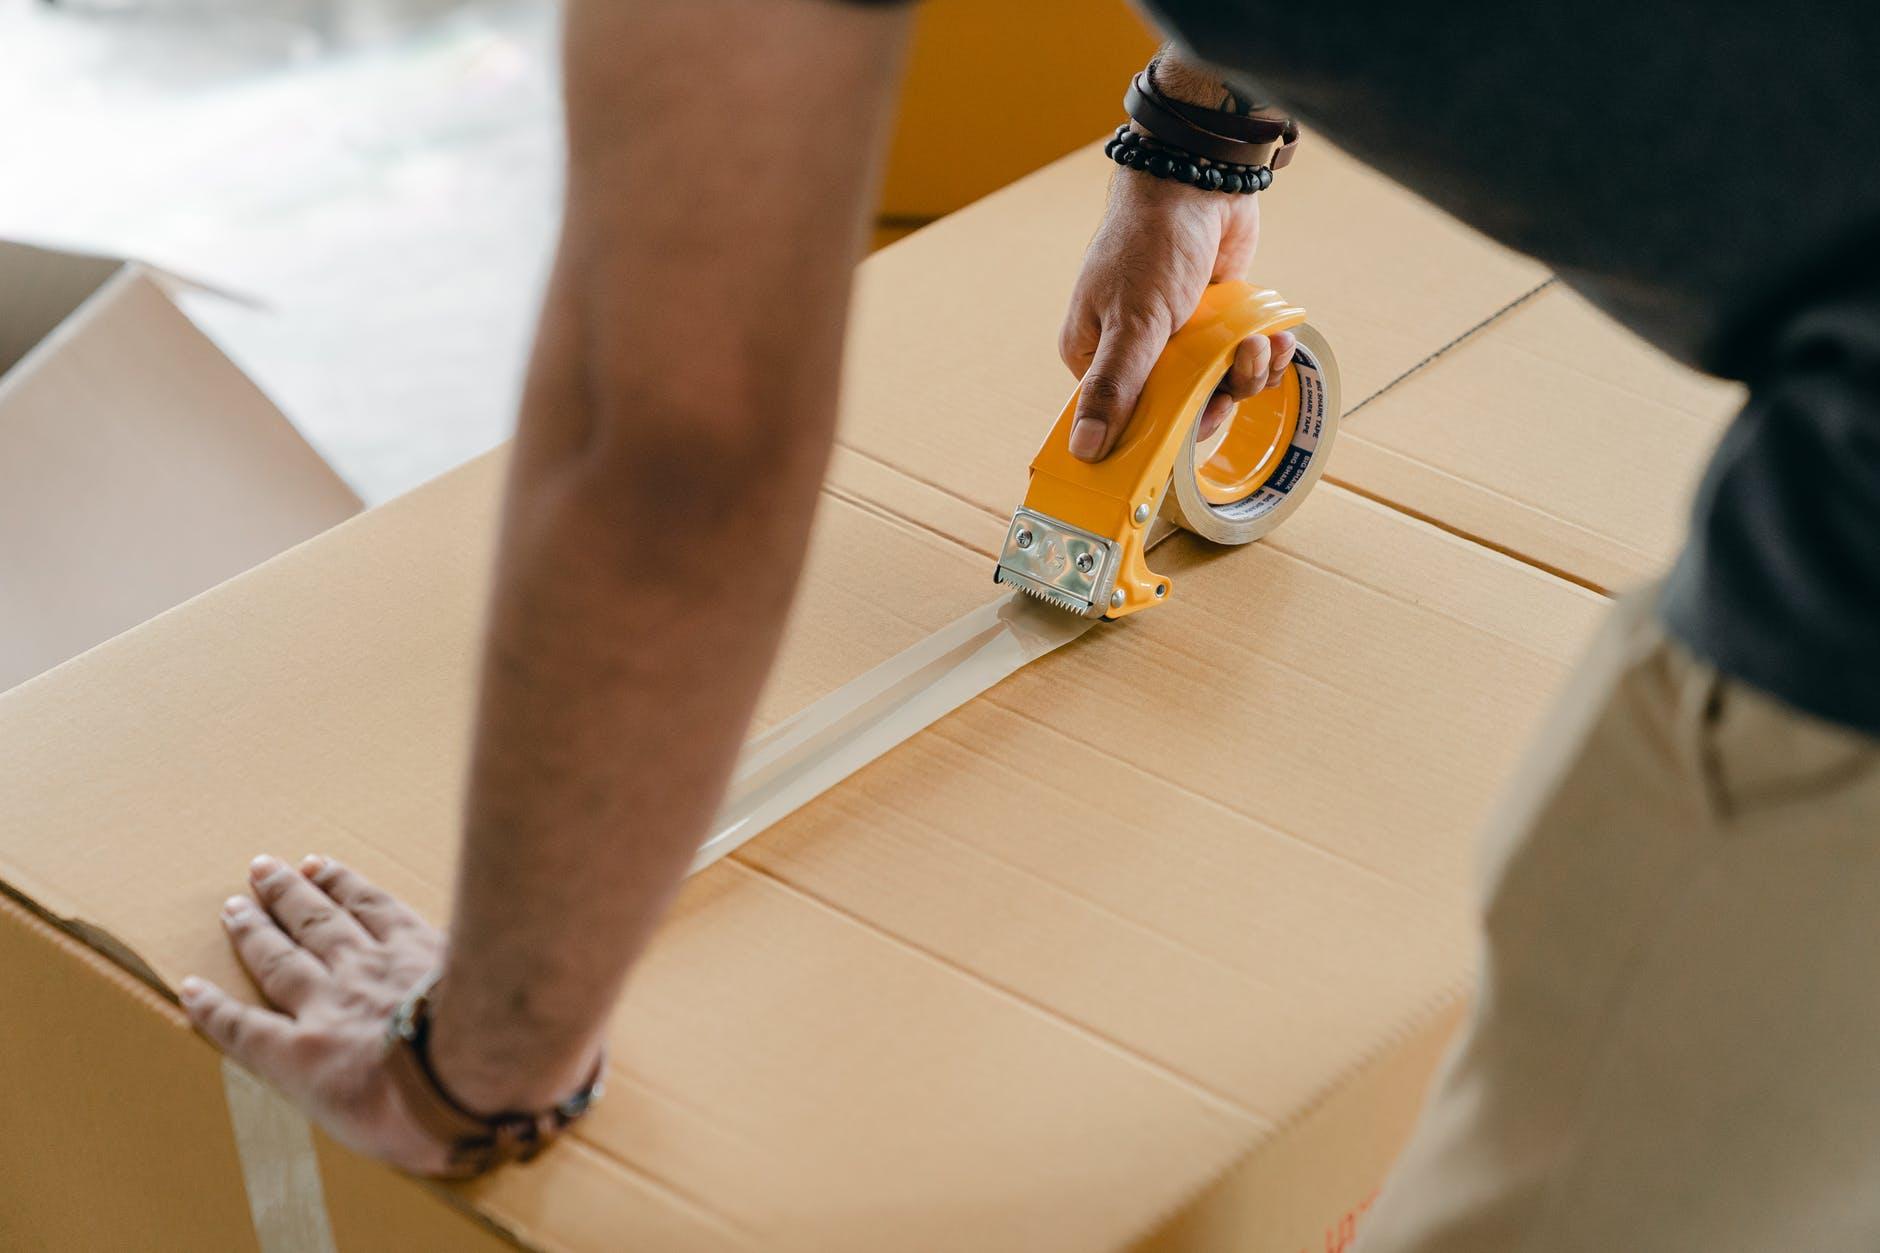 Jak nadać paczkę w Paczkomacie? – Wszystko, co trzeba wiedzieć   - Zdjęcie główne